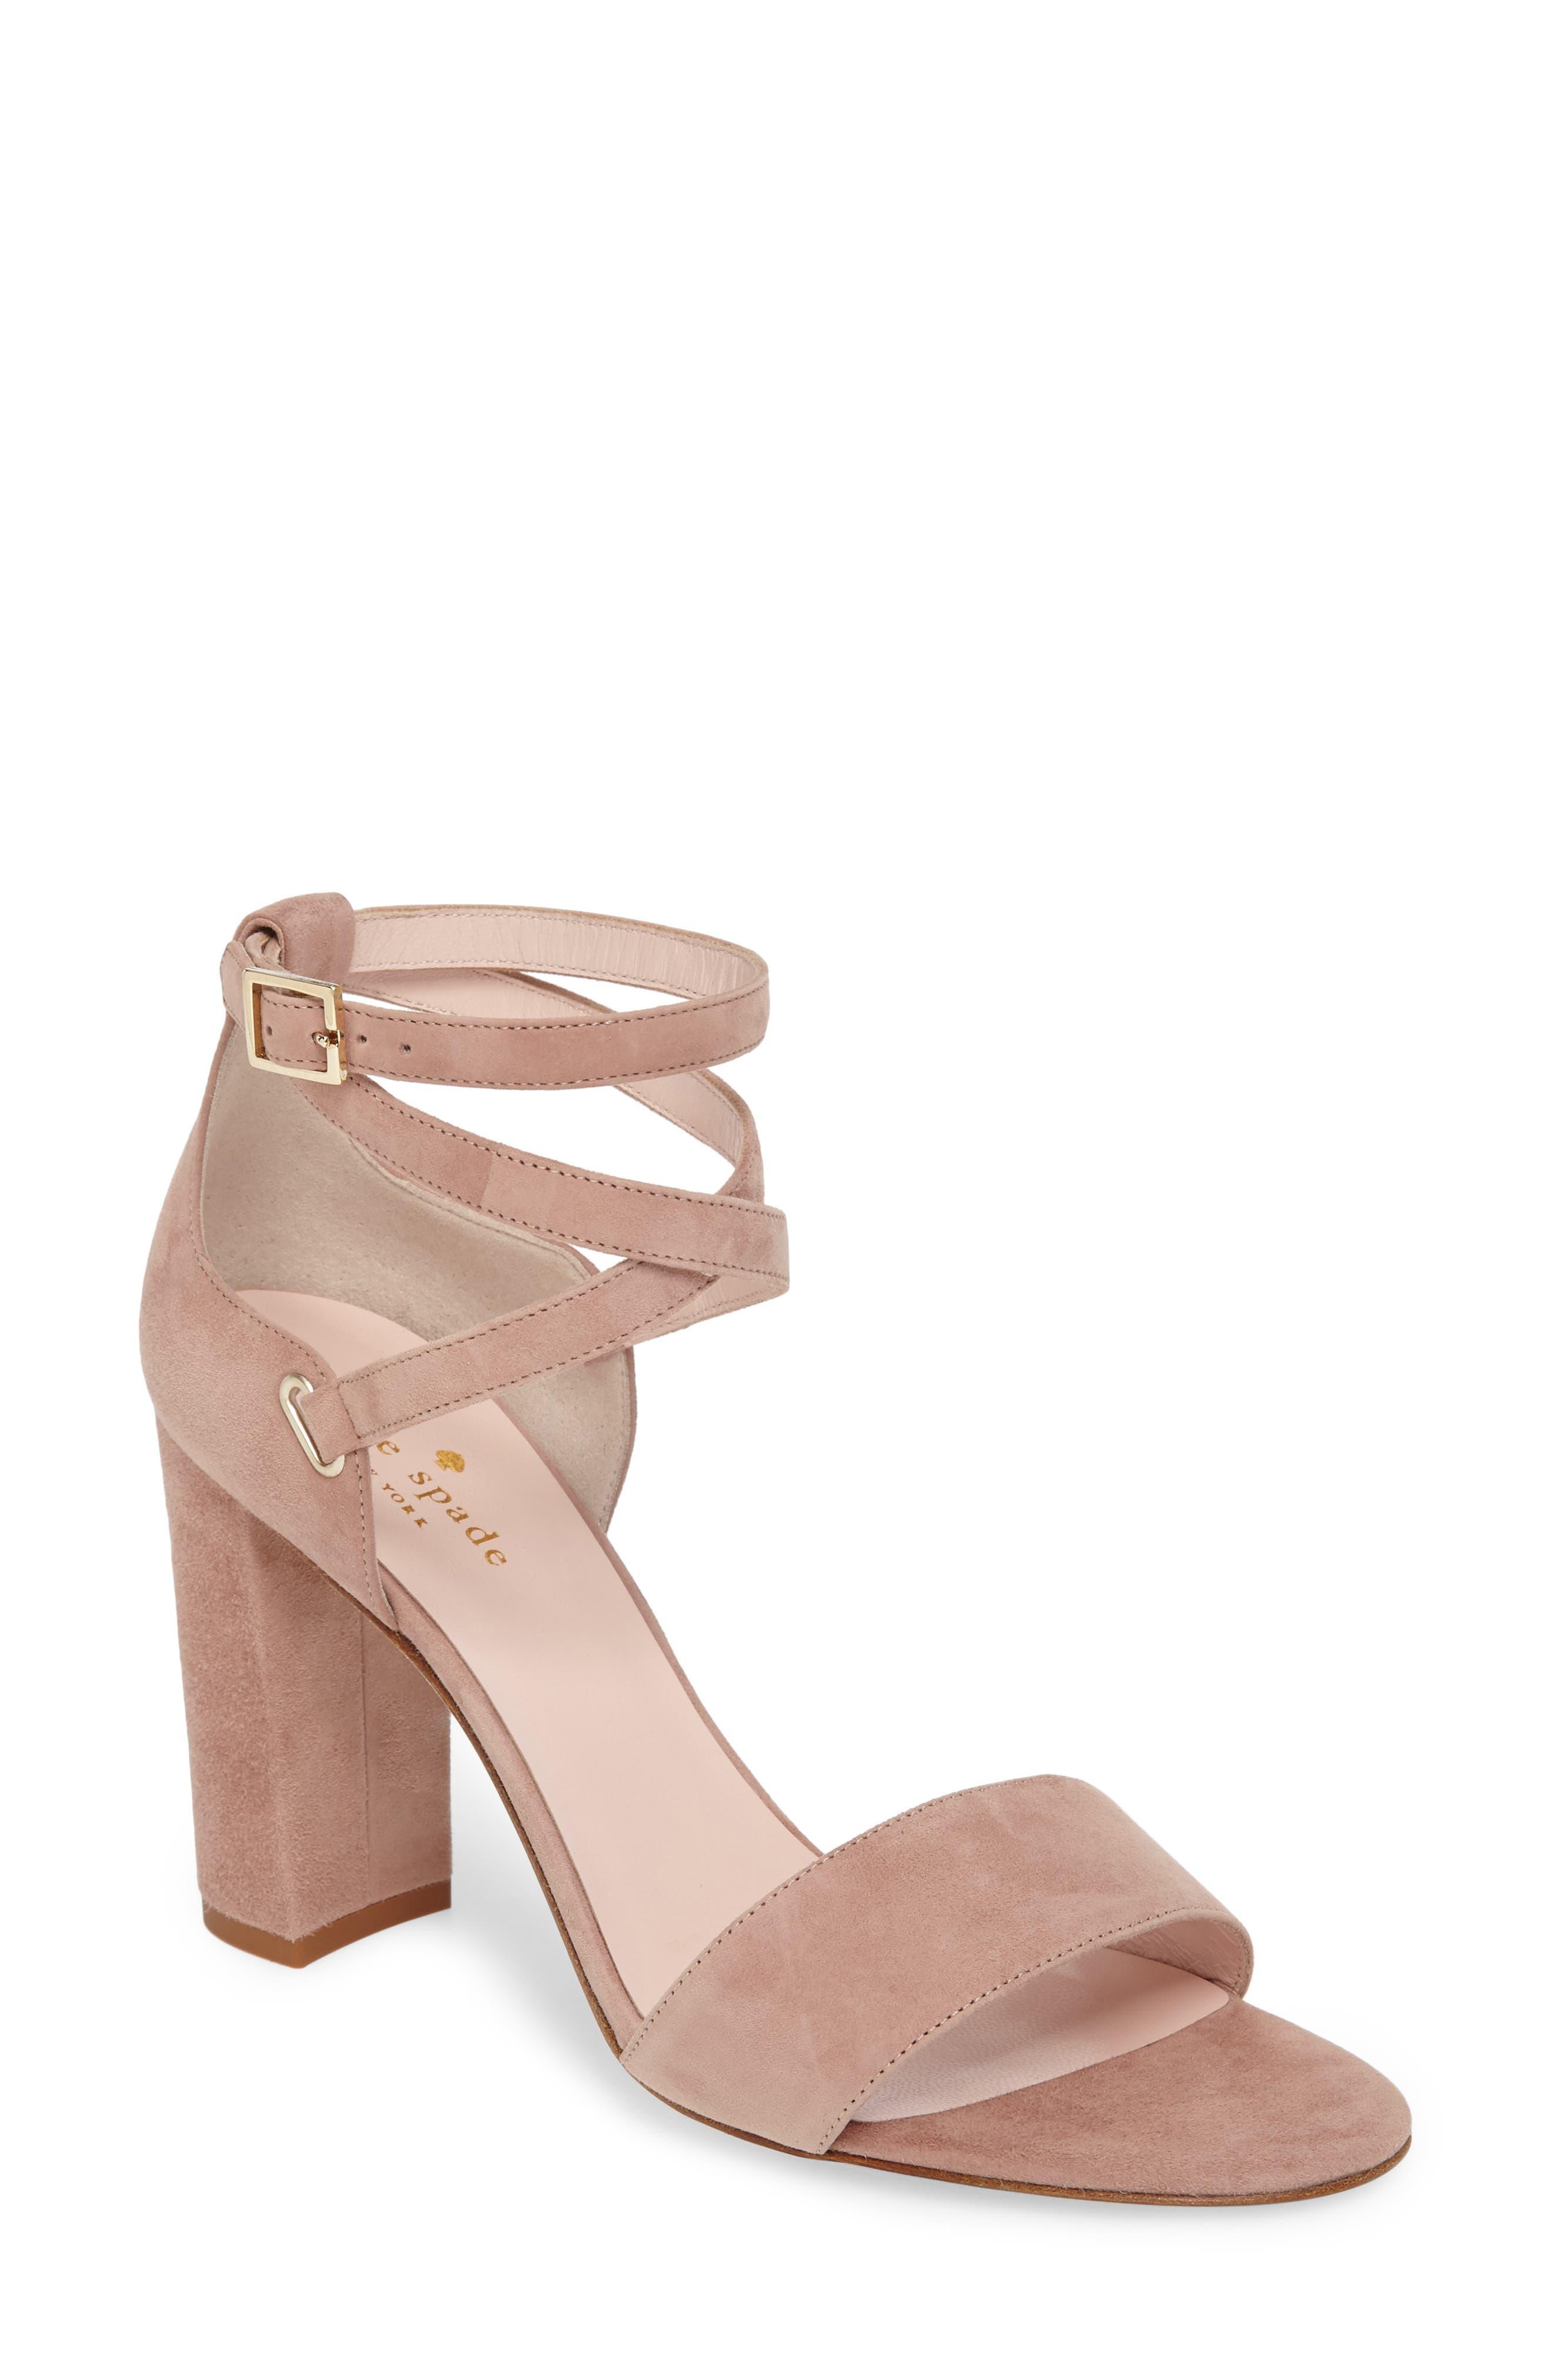 kate spade new york isolde sandal (Women)